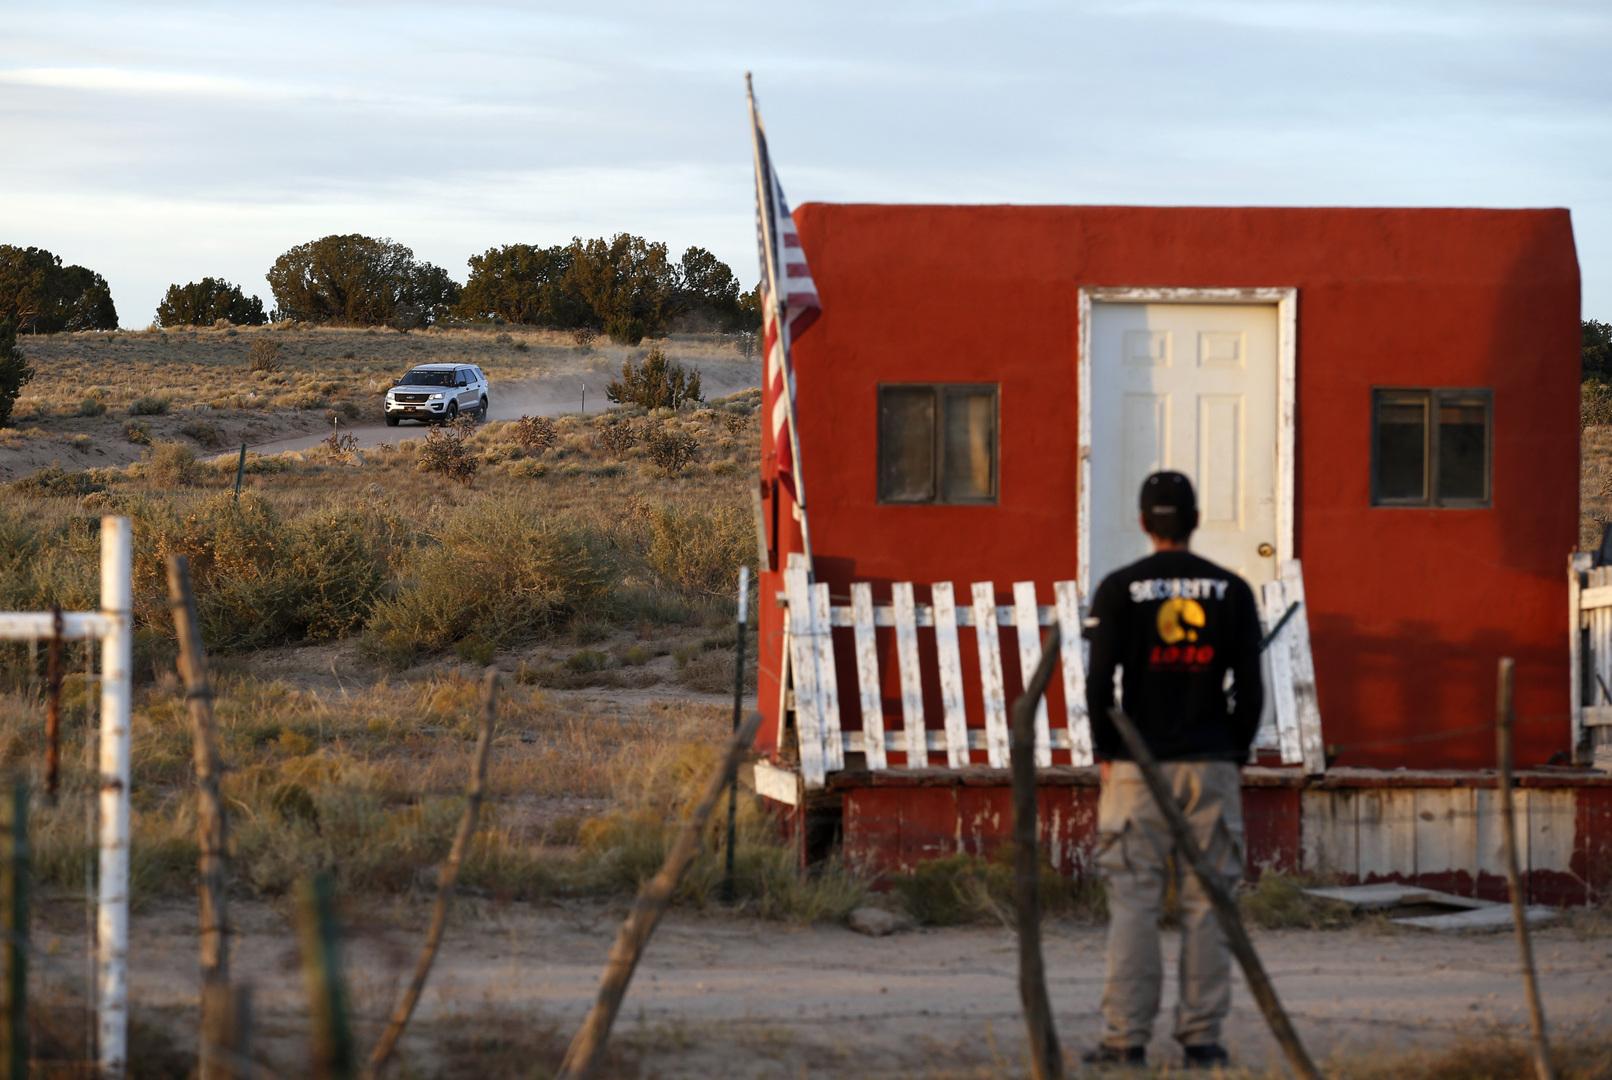 عائلة المصورة التي قتلها الممثل الأمريكي أليك بالدوين تطالب بأجوبة